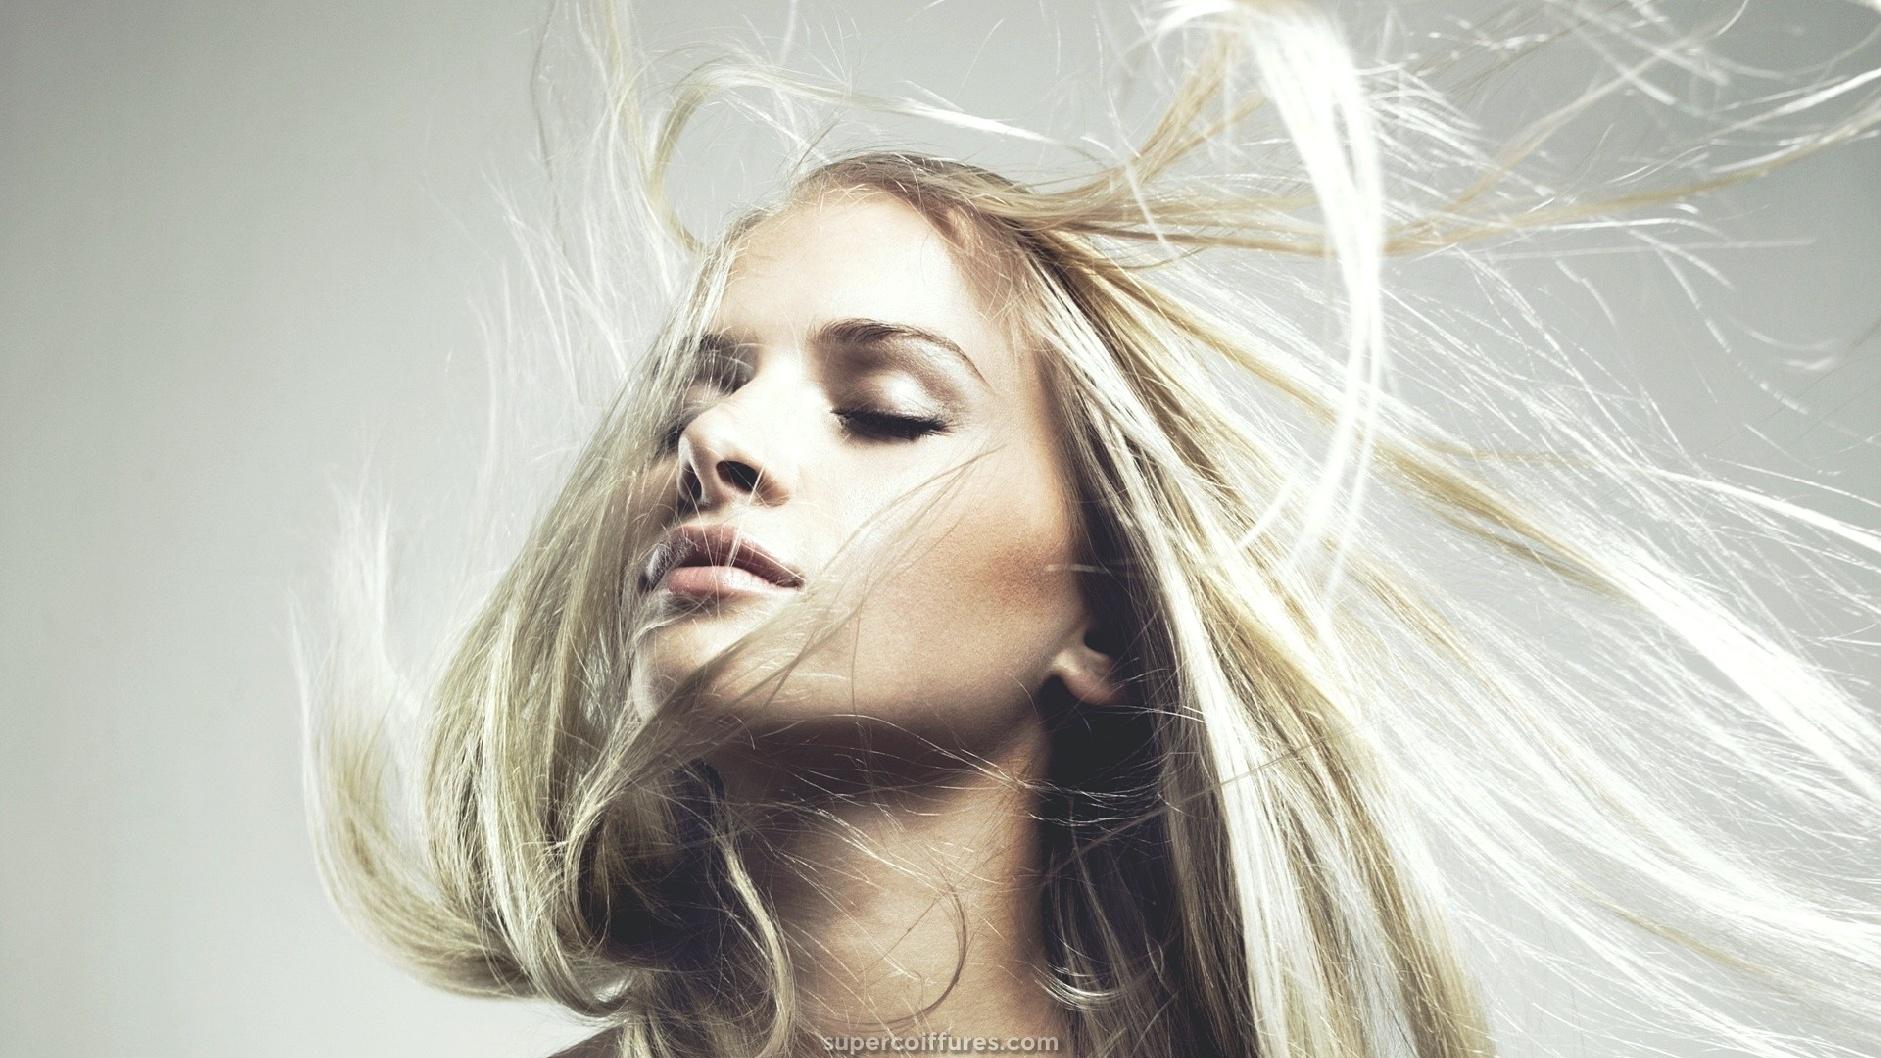 Les coupes de cheveux des femmes Г la mode ajoutent du volume